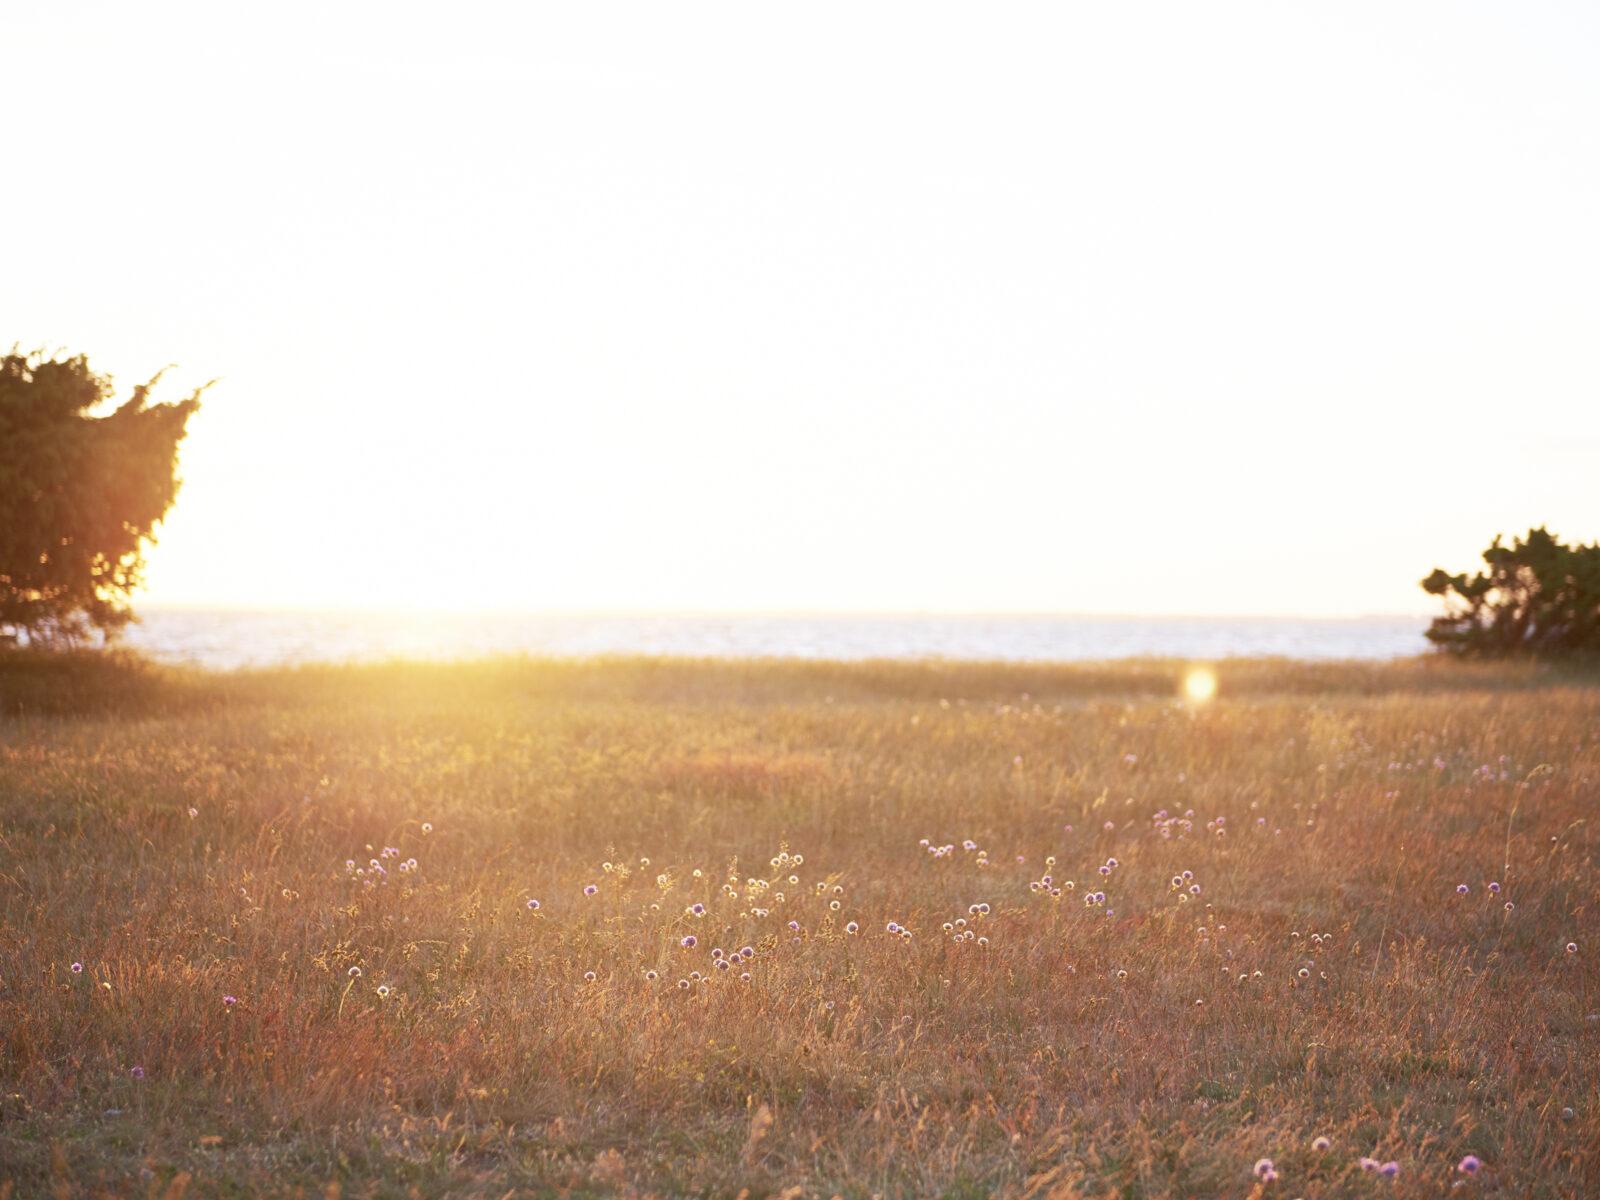 färgbild, horisont över vatten, horisontell, liggande, linsflare, äng, natur, inga människor, Öland, utomhus, växter, Skandinavien, hav, himmel, sommar, solig, solnedgång, Sverige, träd, vatten, vita blommor